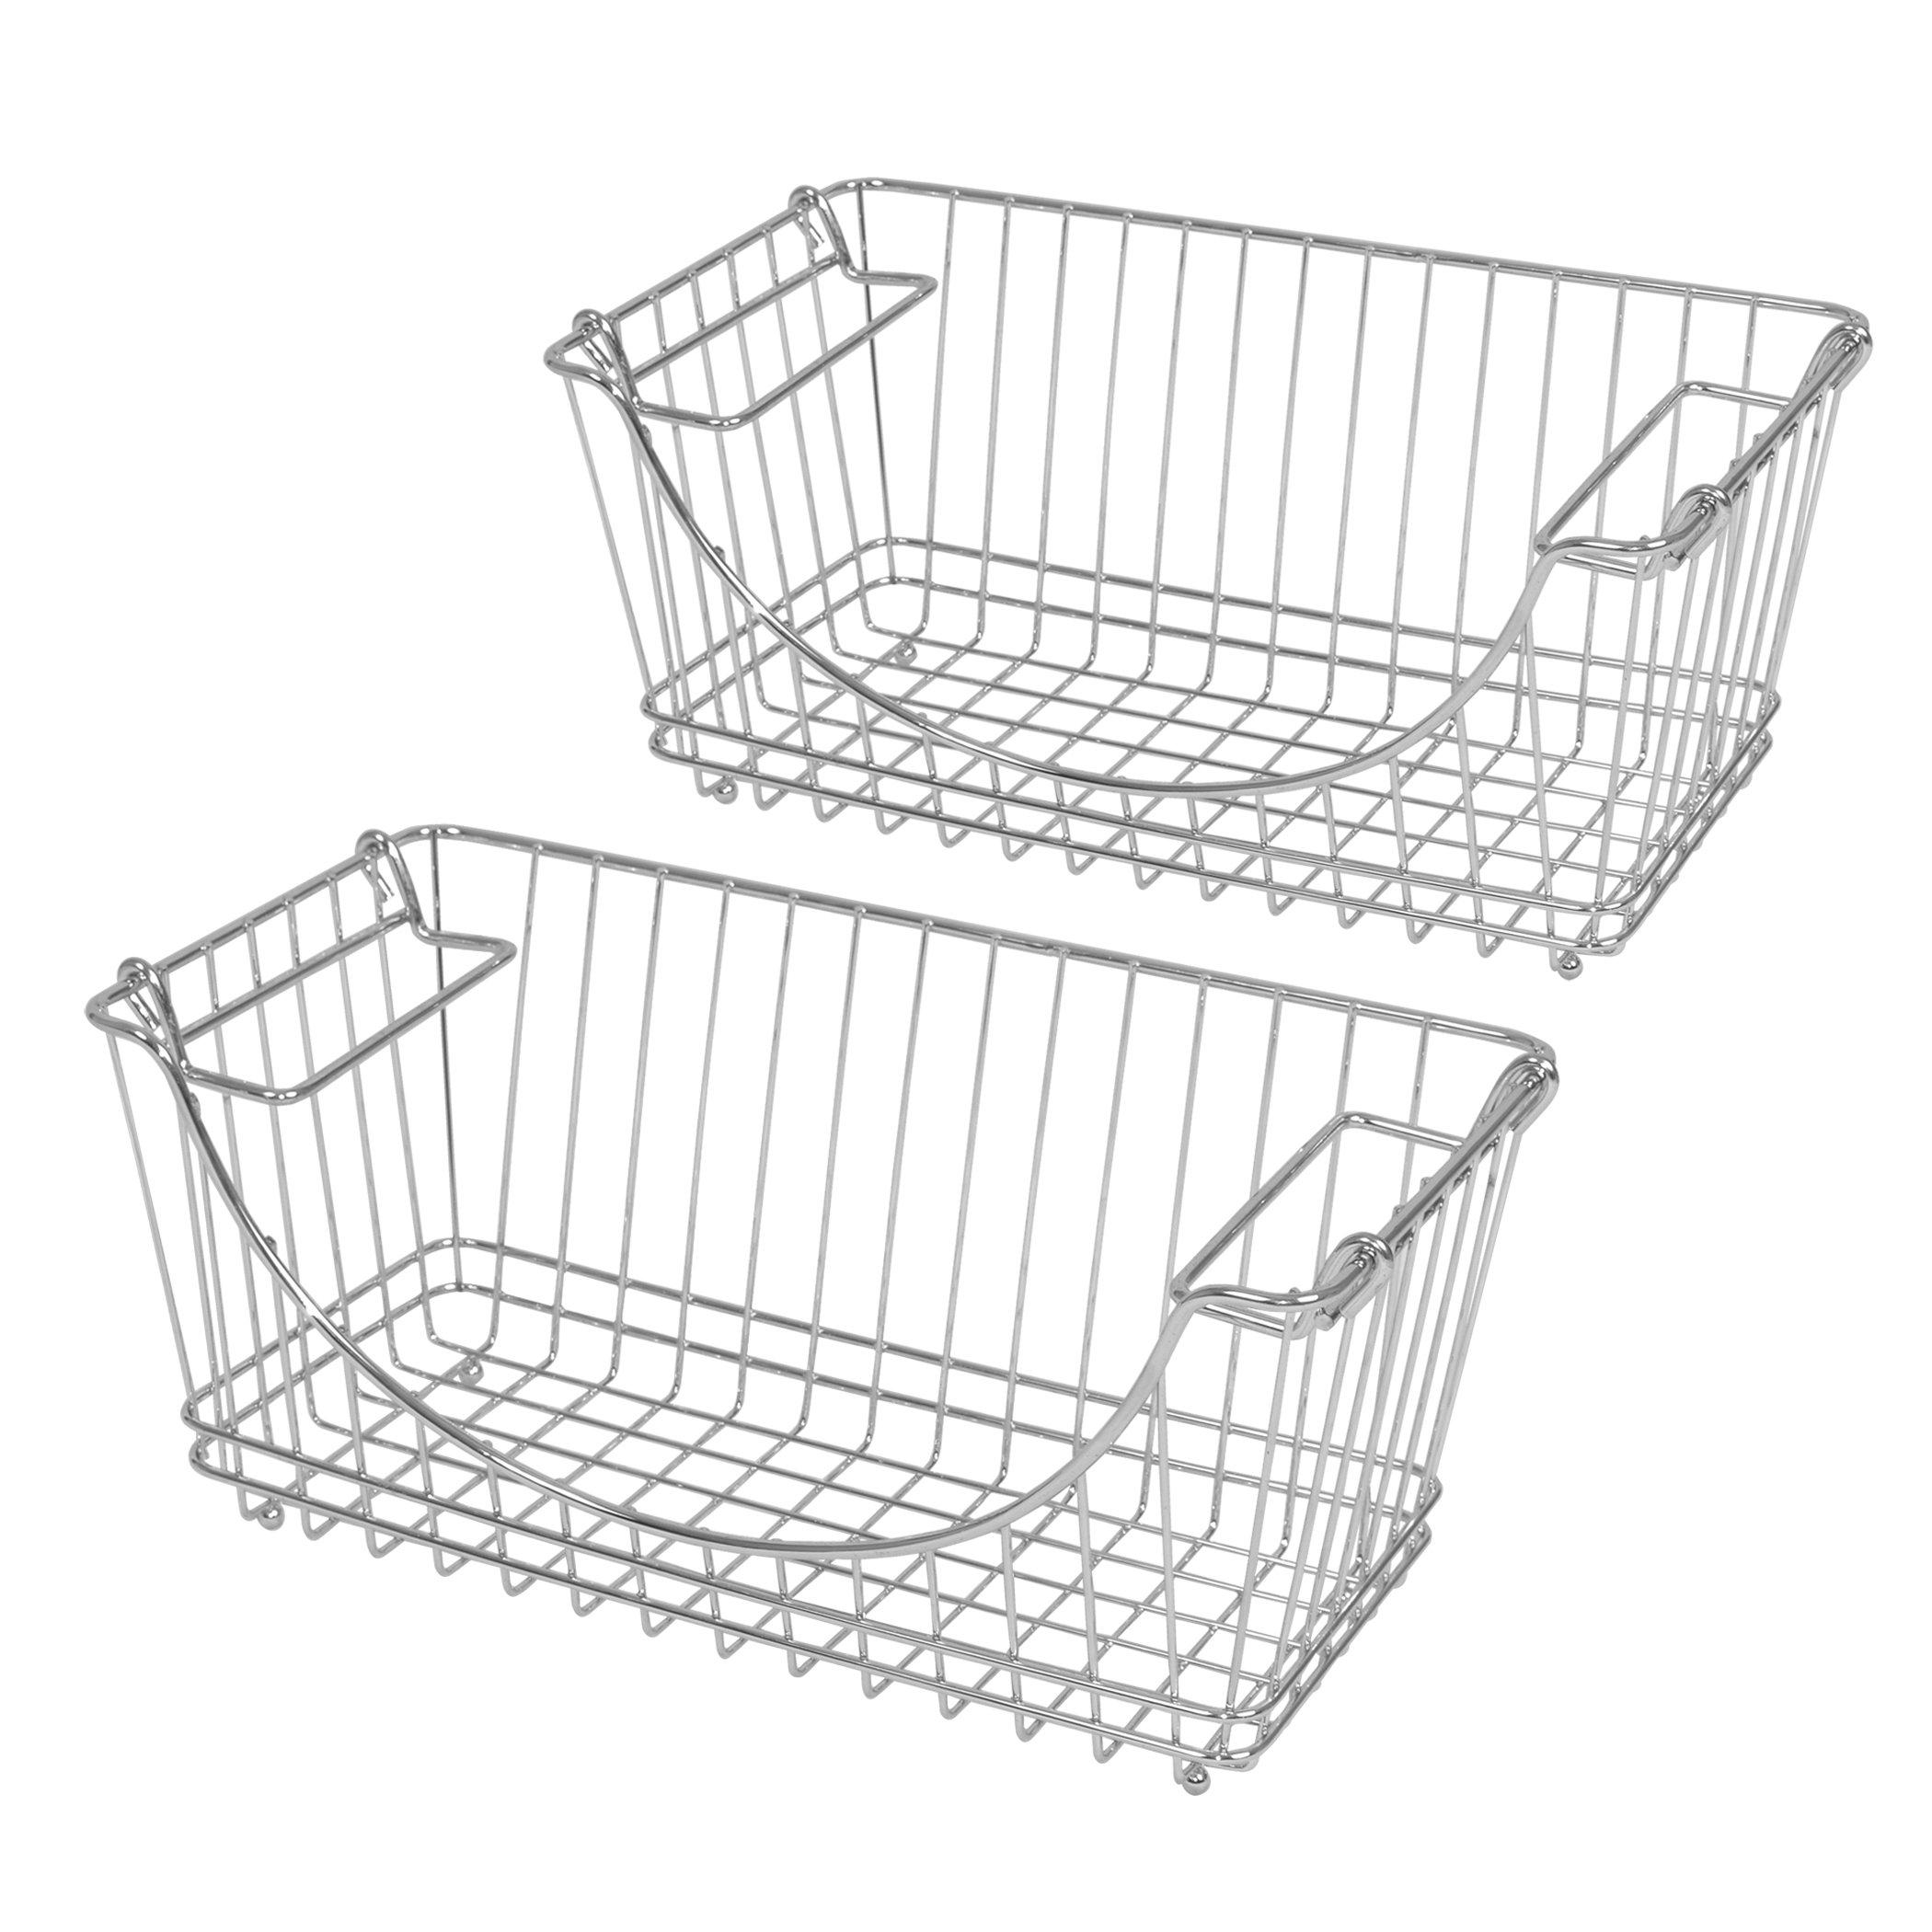 Pro-Mart DAZZ Medium Stacking Baskets Chrome Set of 2 691162723779 ...